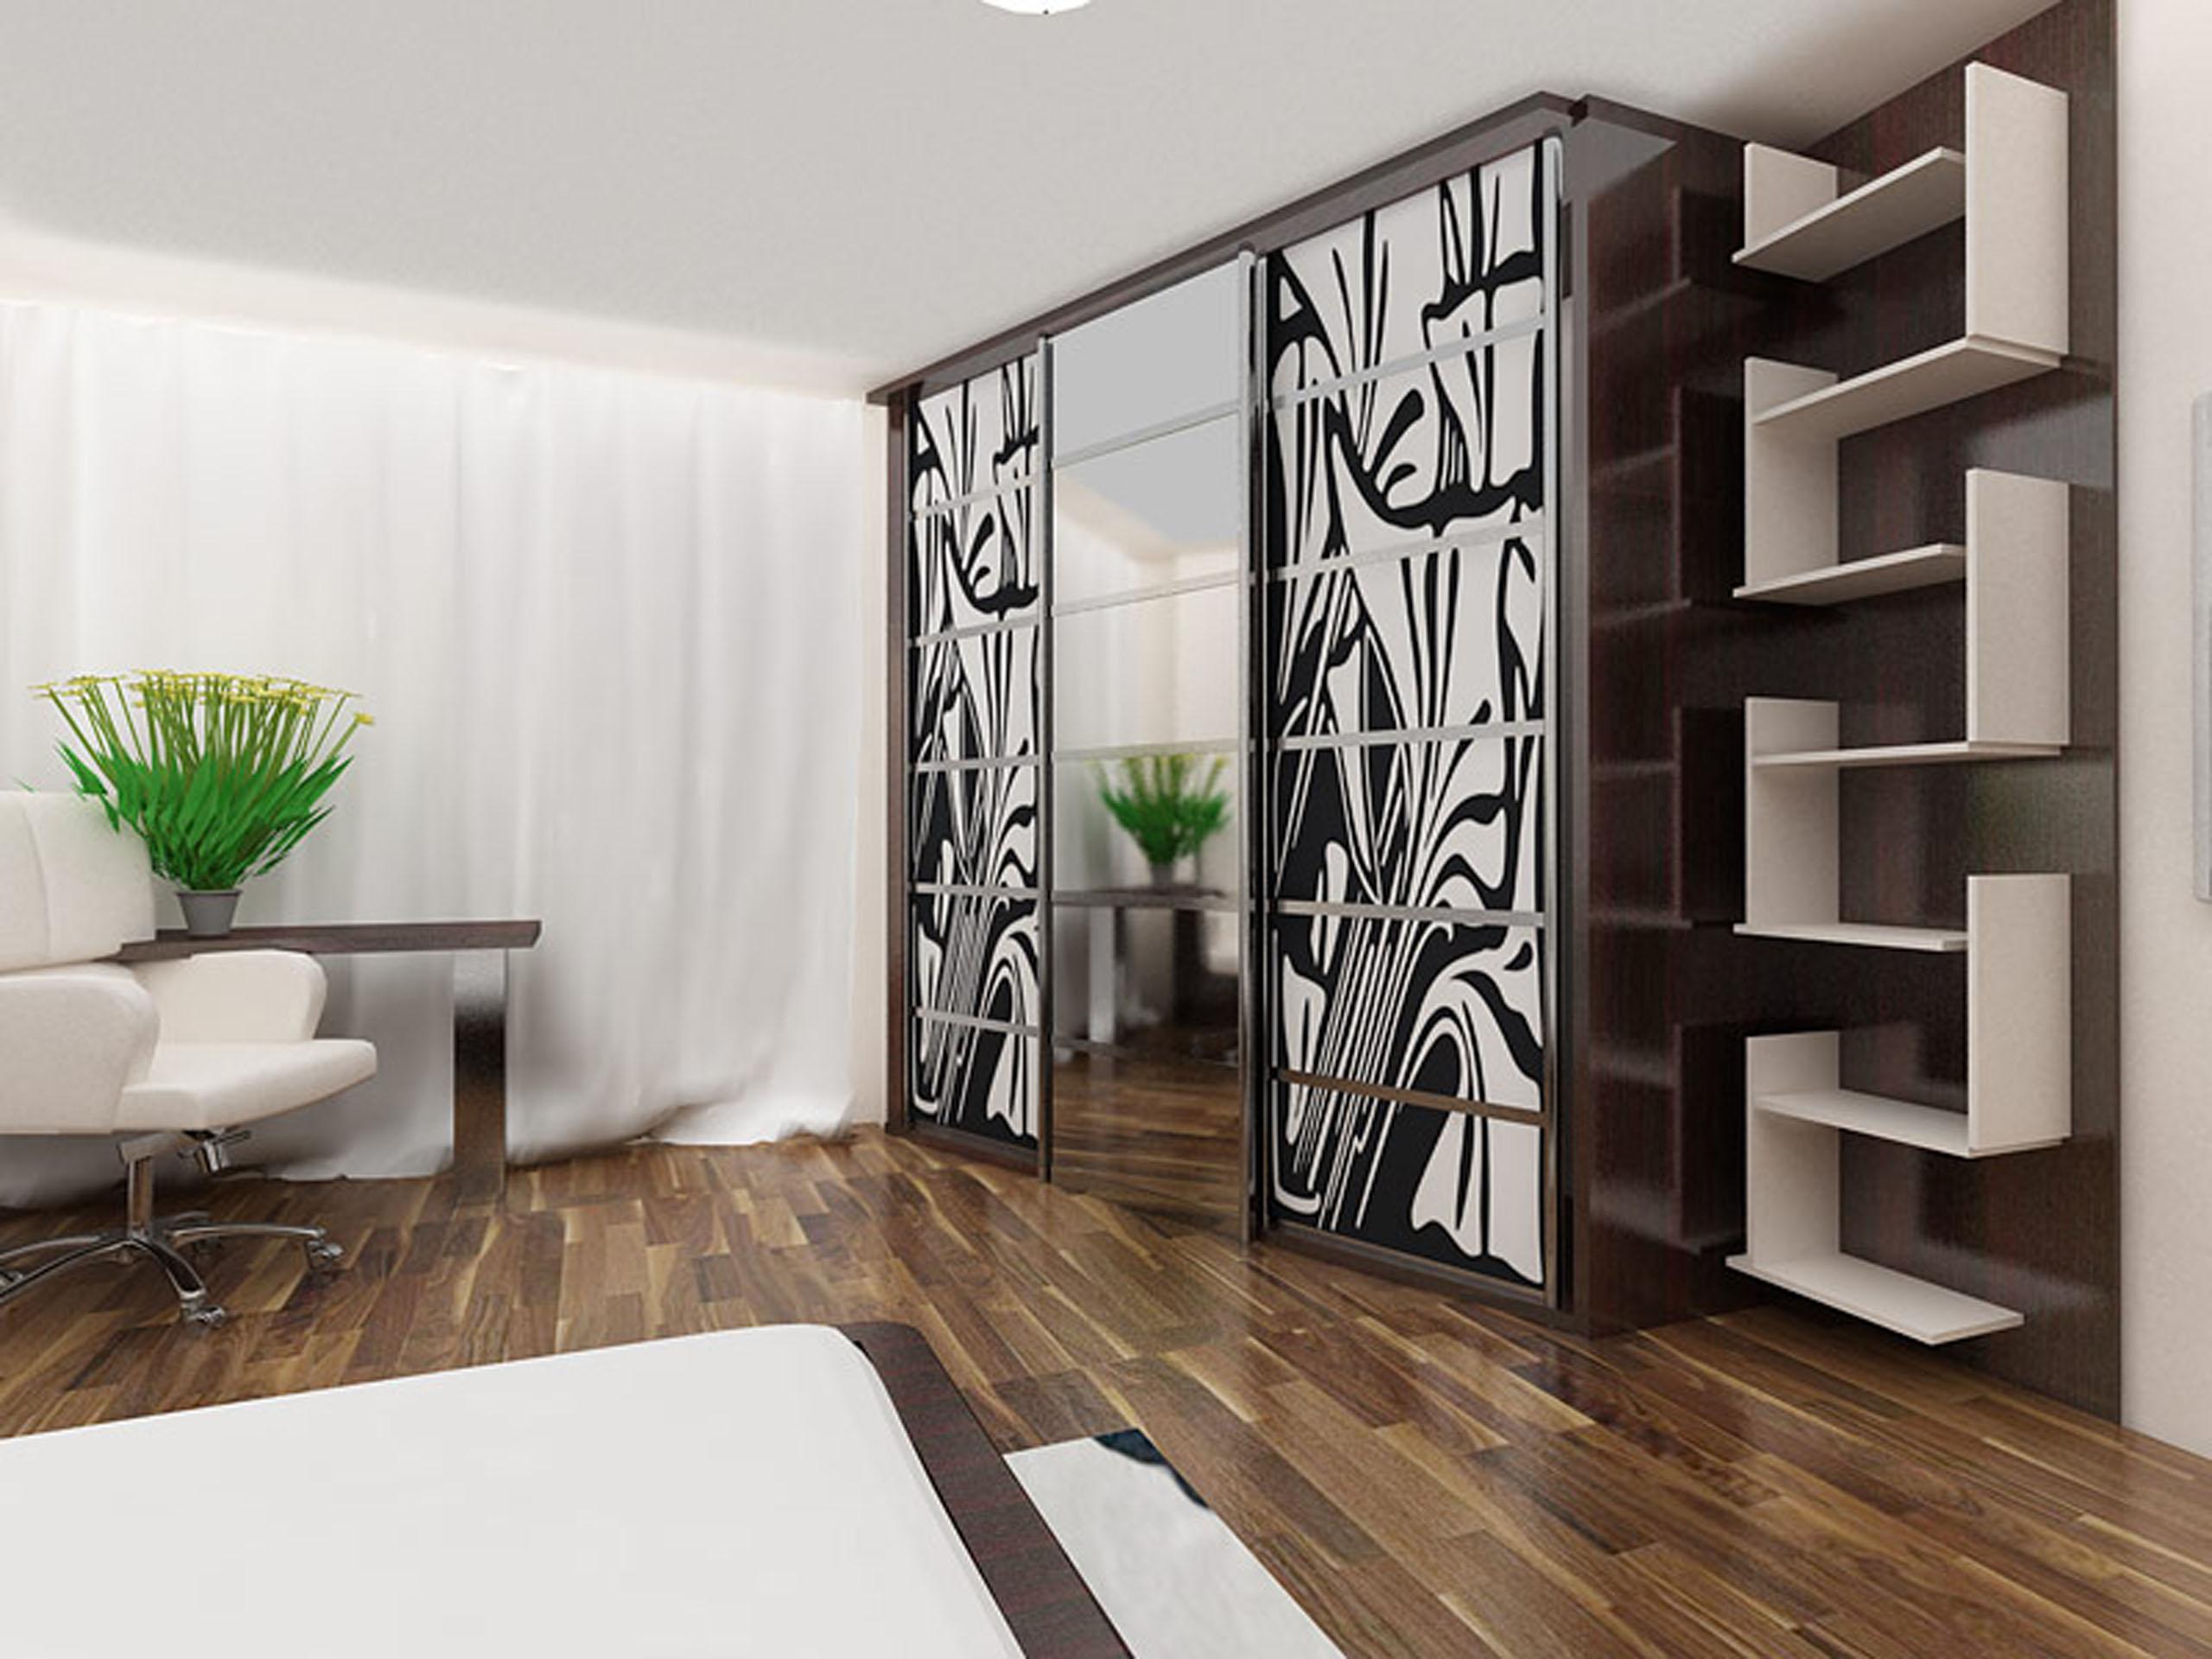 Шкаф купе в гостиную, плюсы и минусы, варианты оформления фа.